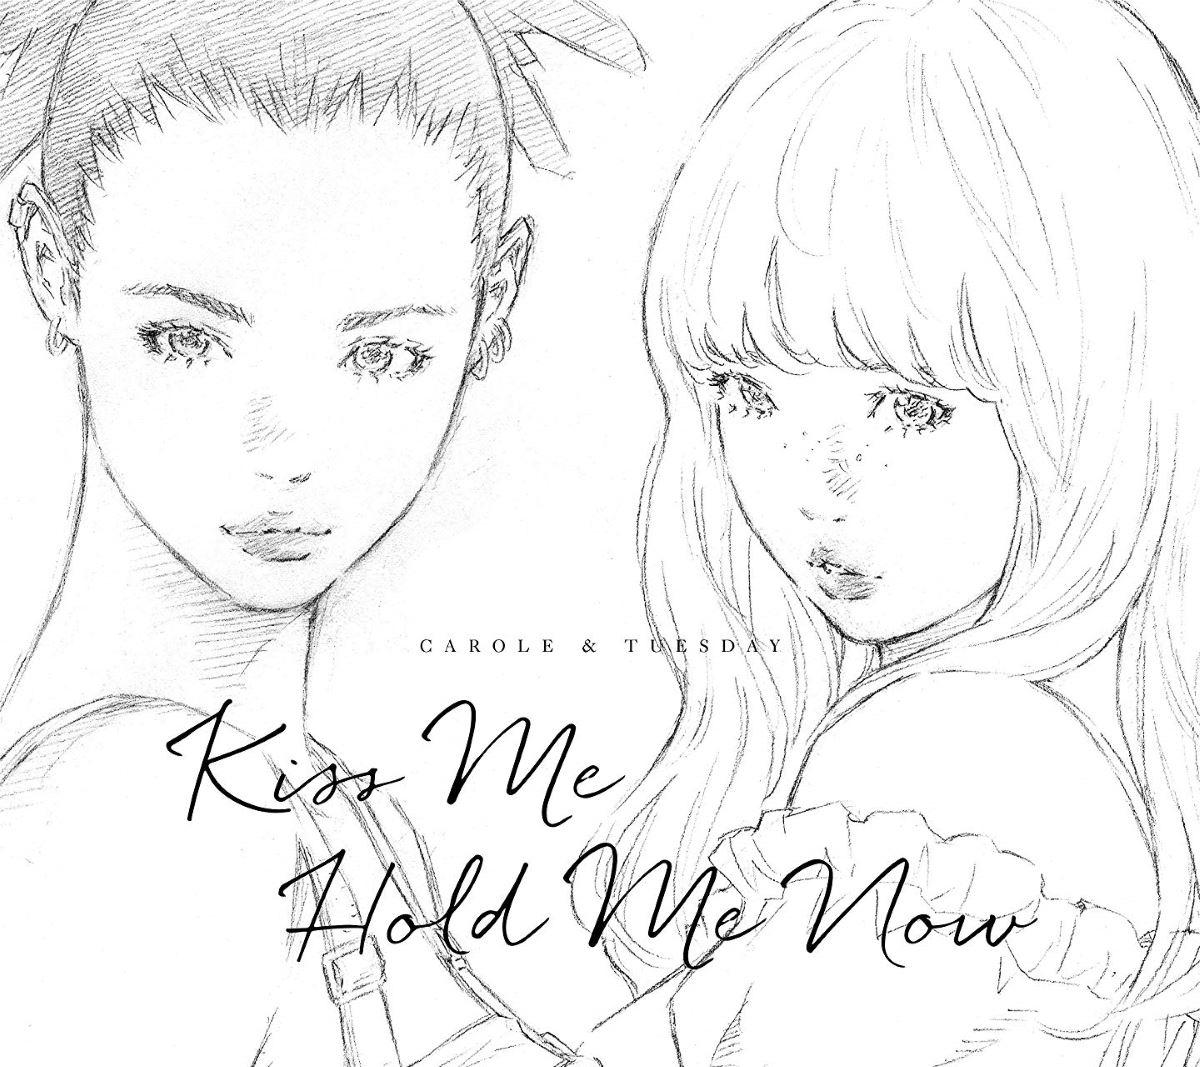 『キャロル&チューズデイKiss Me』収録の『Kiss Me / Hold Me Now』ジャケット